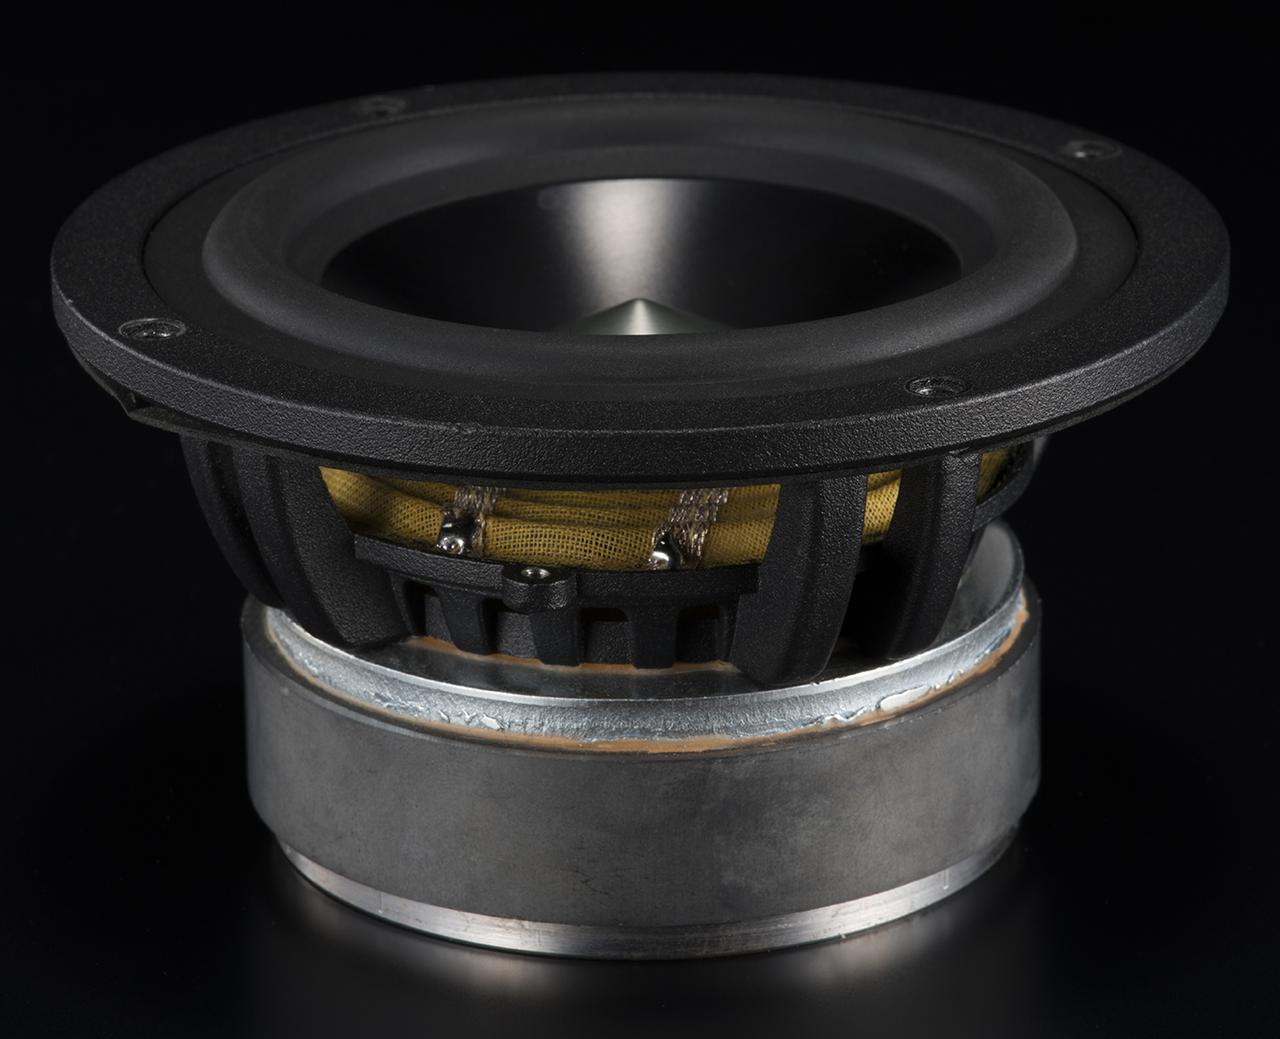 画像: ホーン型リボントゥイーターに見合うハイスピードかつ強力な低域ユニットもエアパルスの特徴だ。A80搭載の115mmウーファー(写真)は、硬質アルマイト処理されたアルミニウム合金の振動板とネオジム磁石で駆動する。A300Pro搭載の165mmユニットは、いわゆるショートボイスコイル型と呼ばれる強力な仕様で、大振幅再生時もボイスコイルが磁気ギャップから飛び出さない設計が施されている